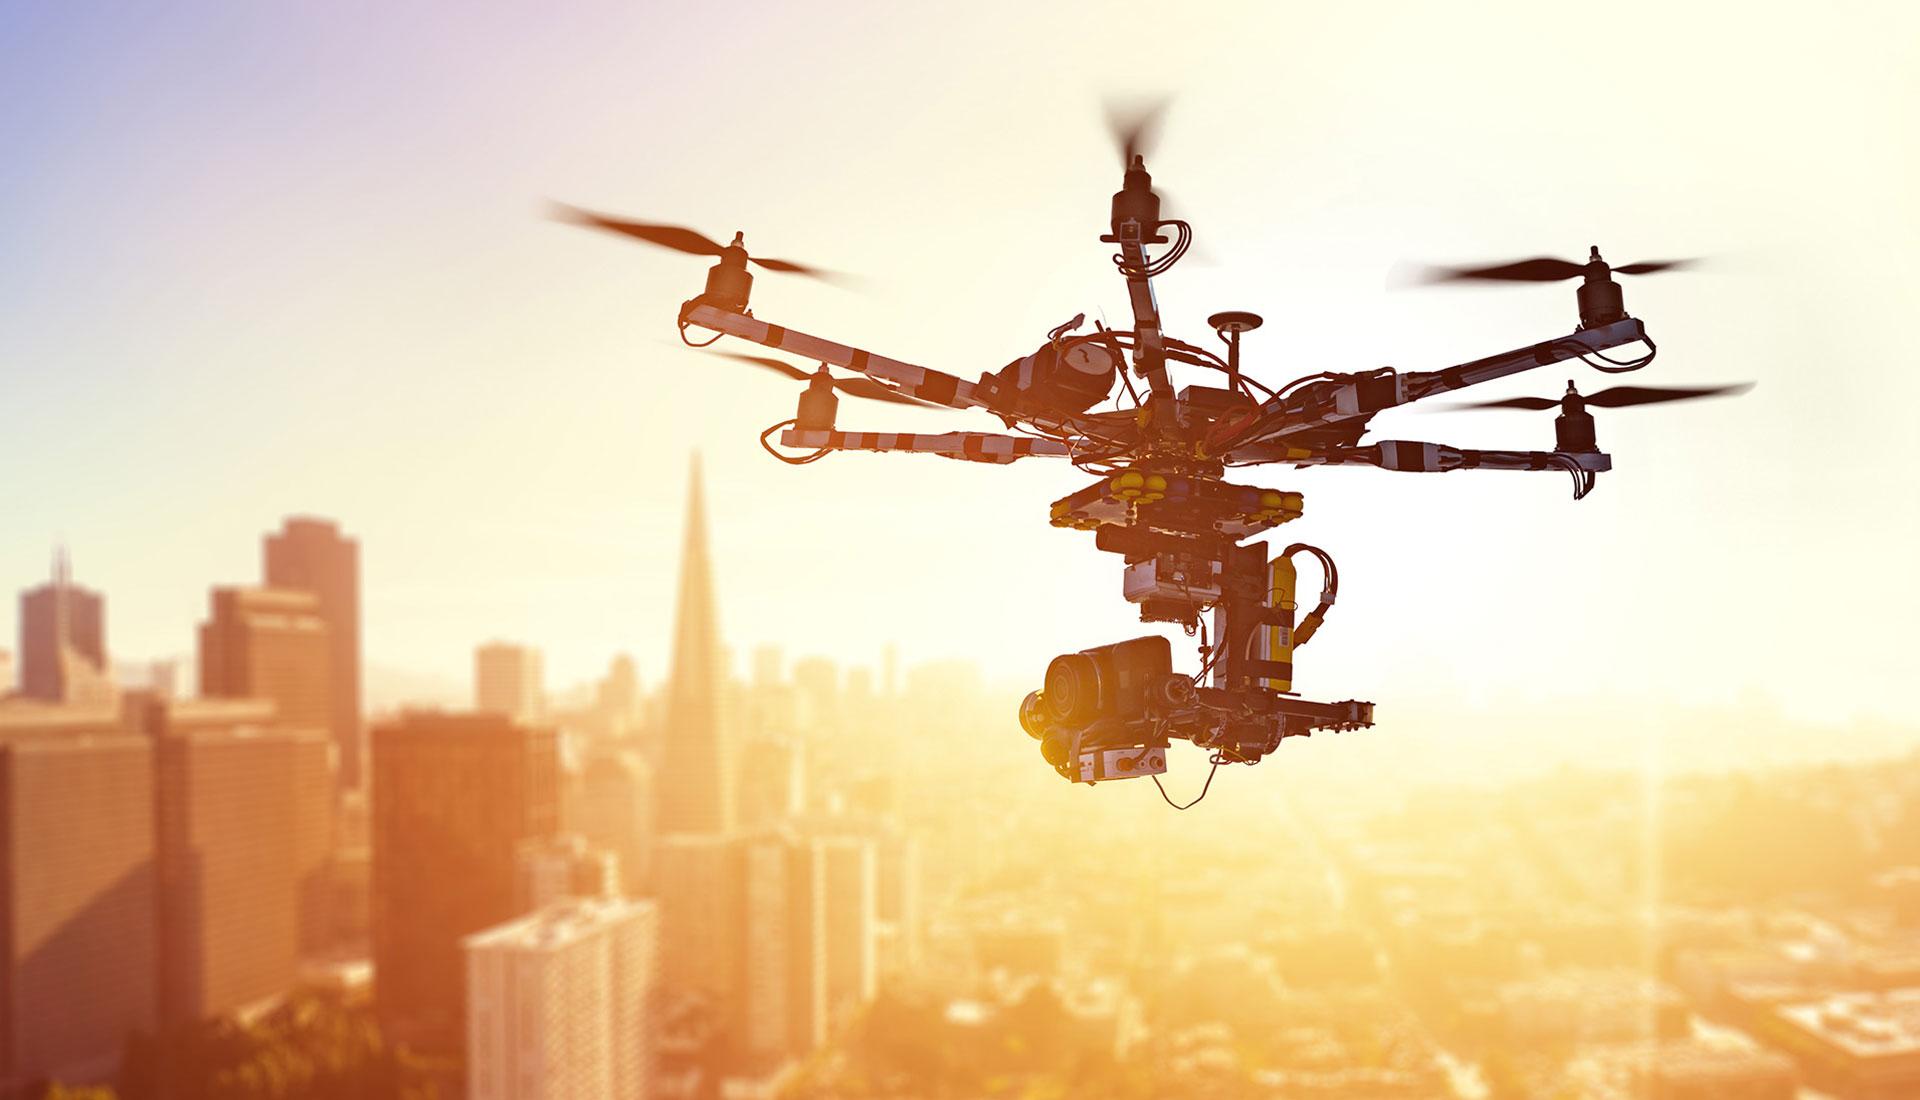 Нью-Йорк будет использовать беспилотники для осмотра зданий